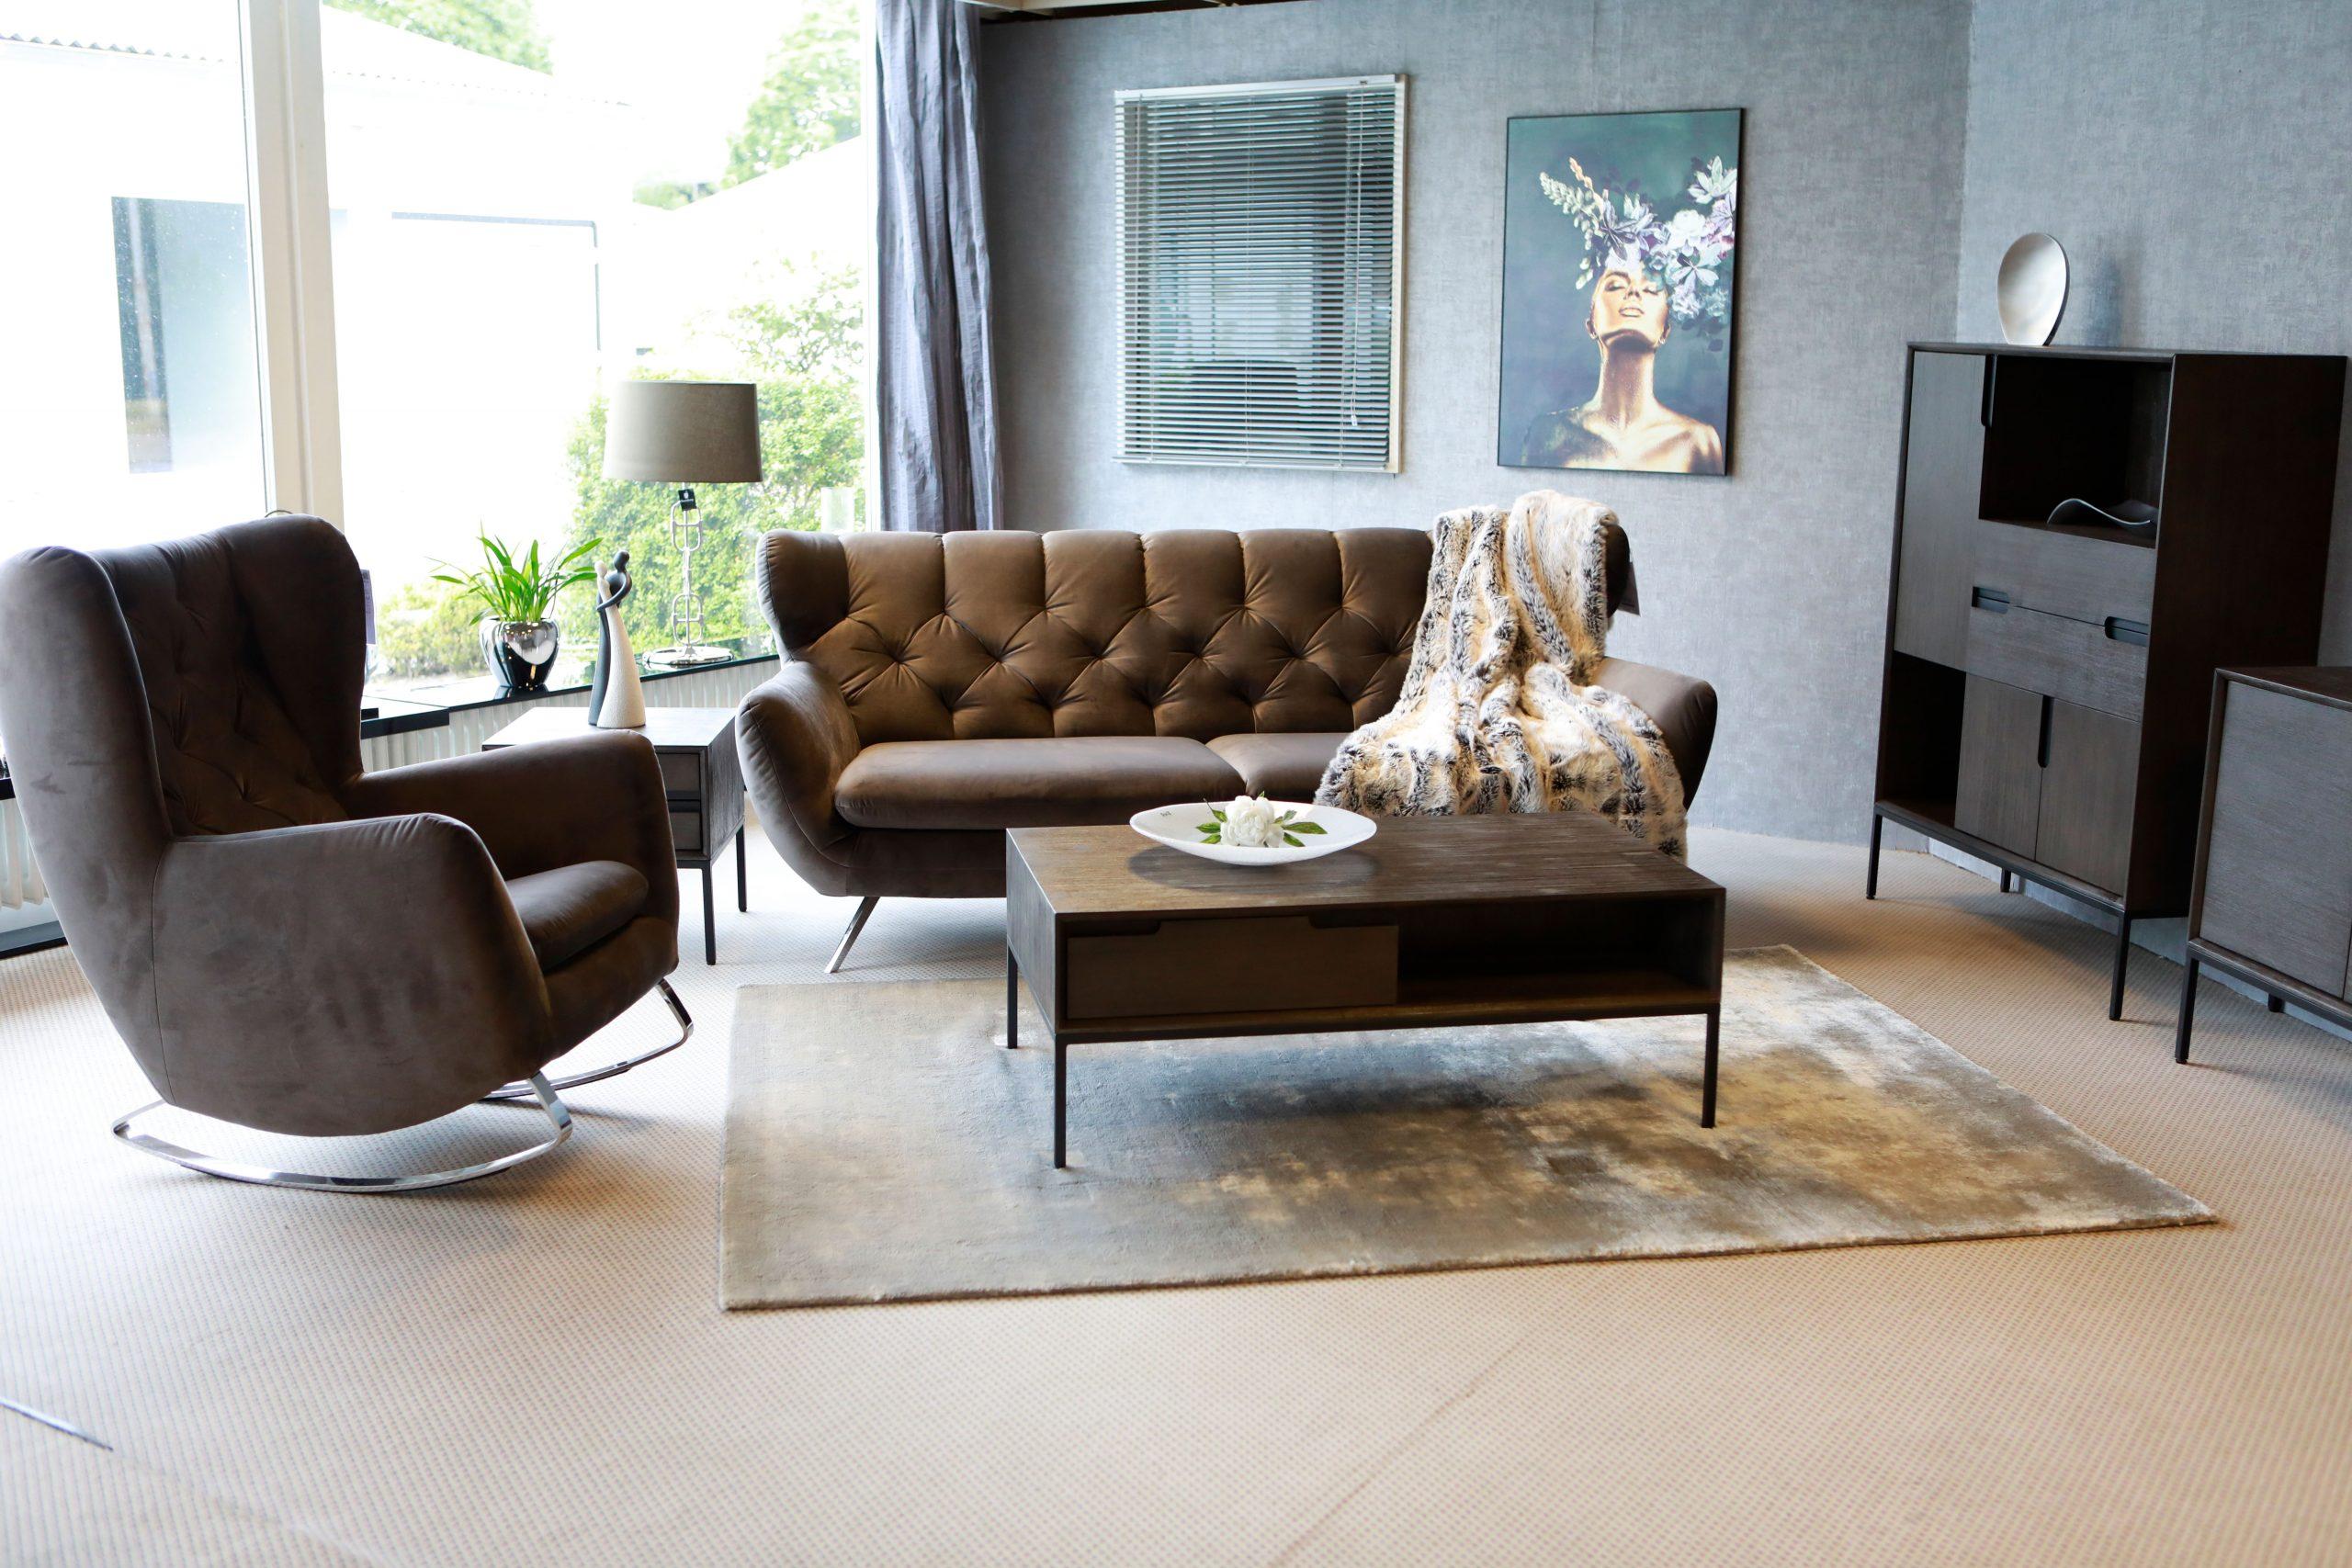 Ein Wohnzimmer können Sie durch kleines Möbelrücken ein ganz neues Raumgefühl geben.